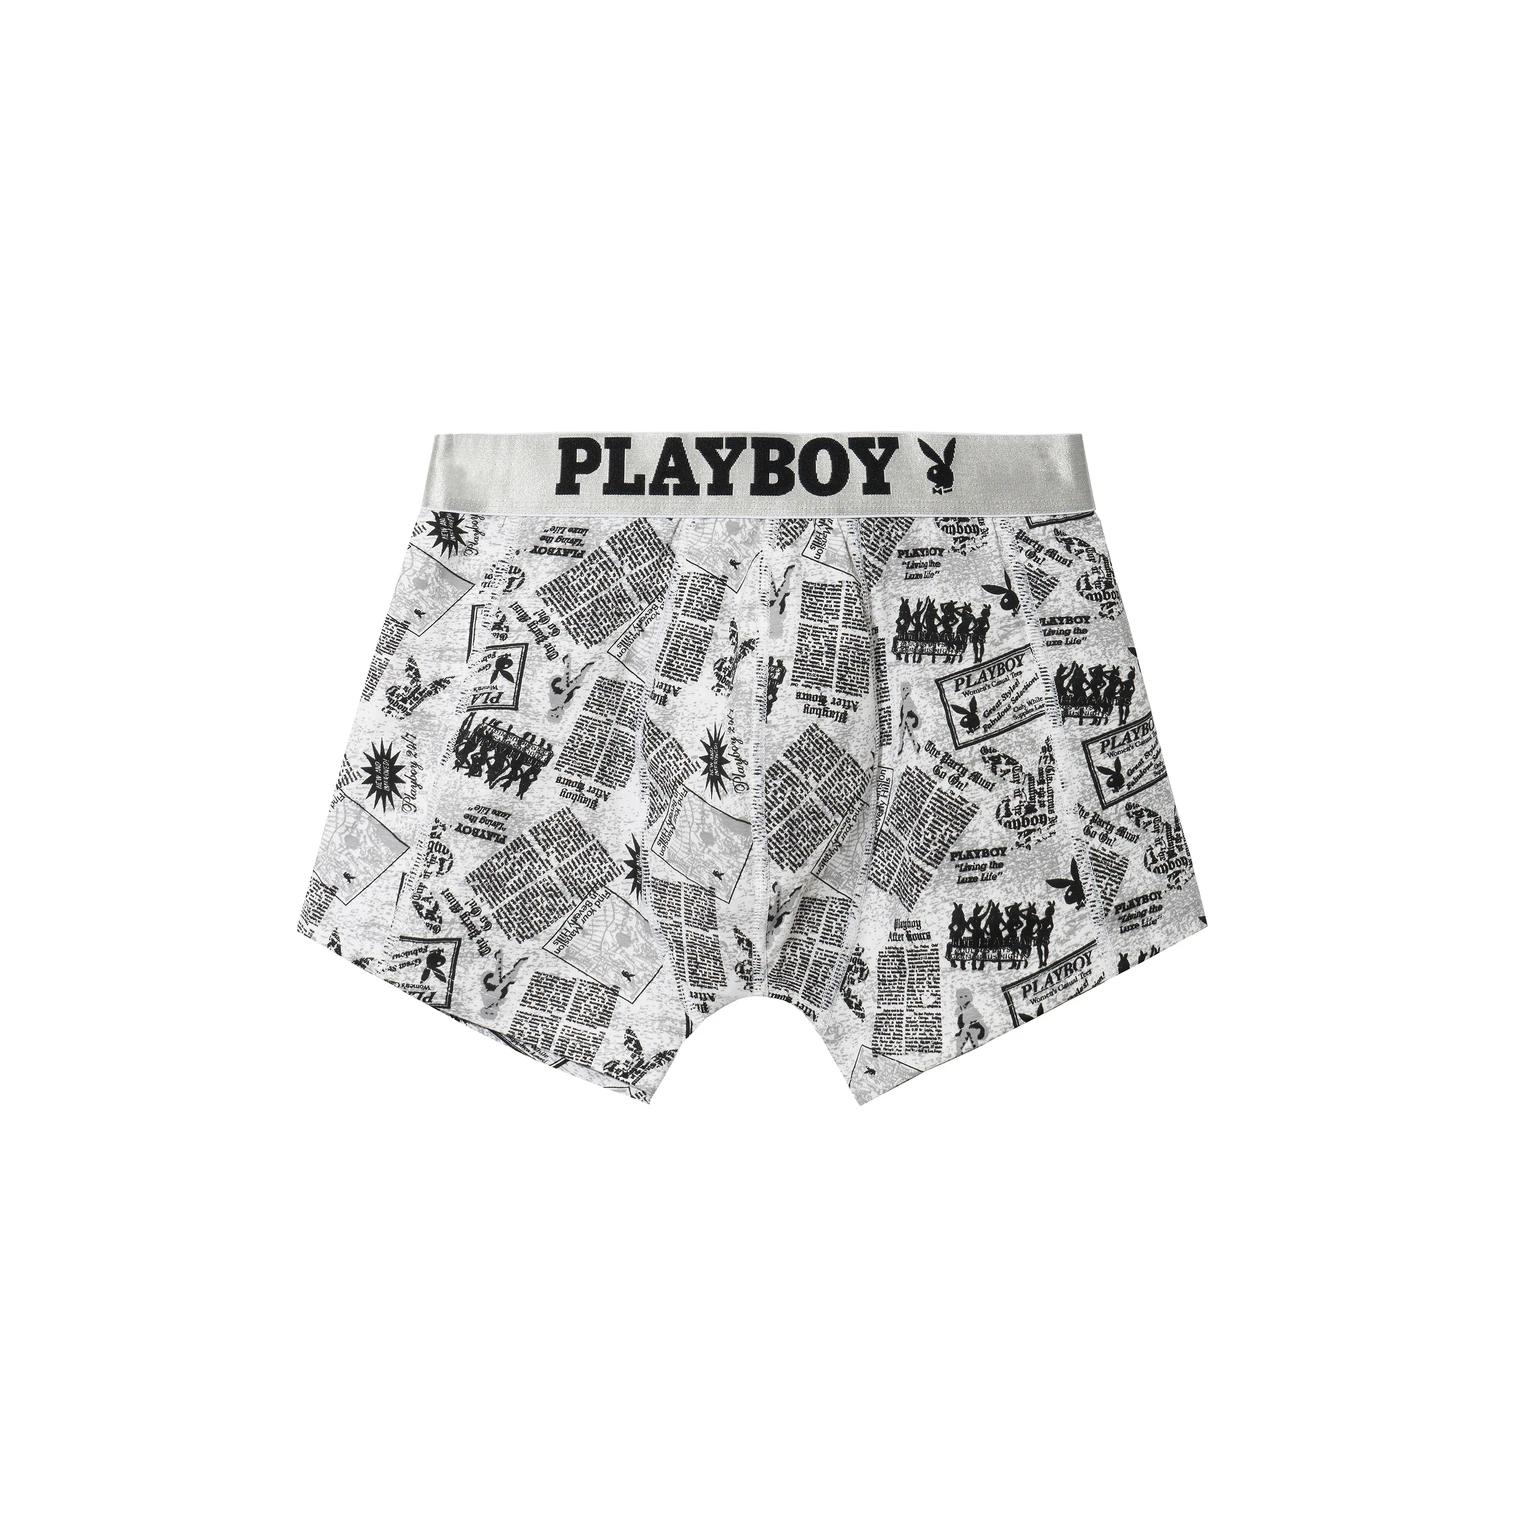 consejos de citas, lencería, romance, playboy